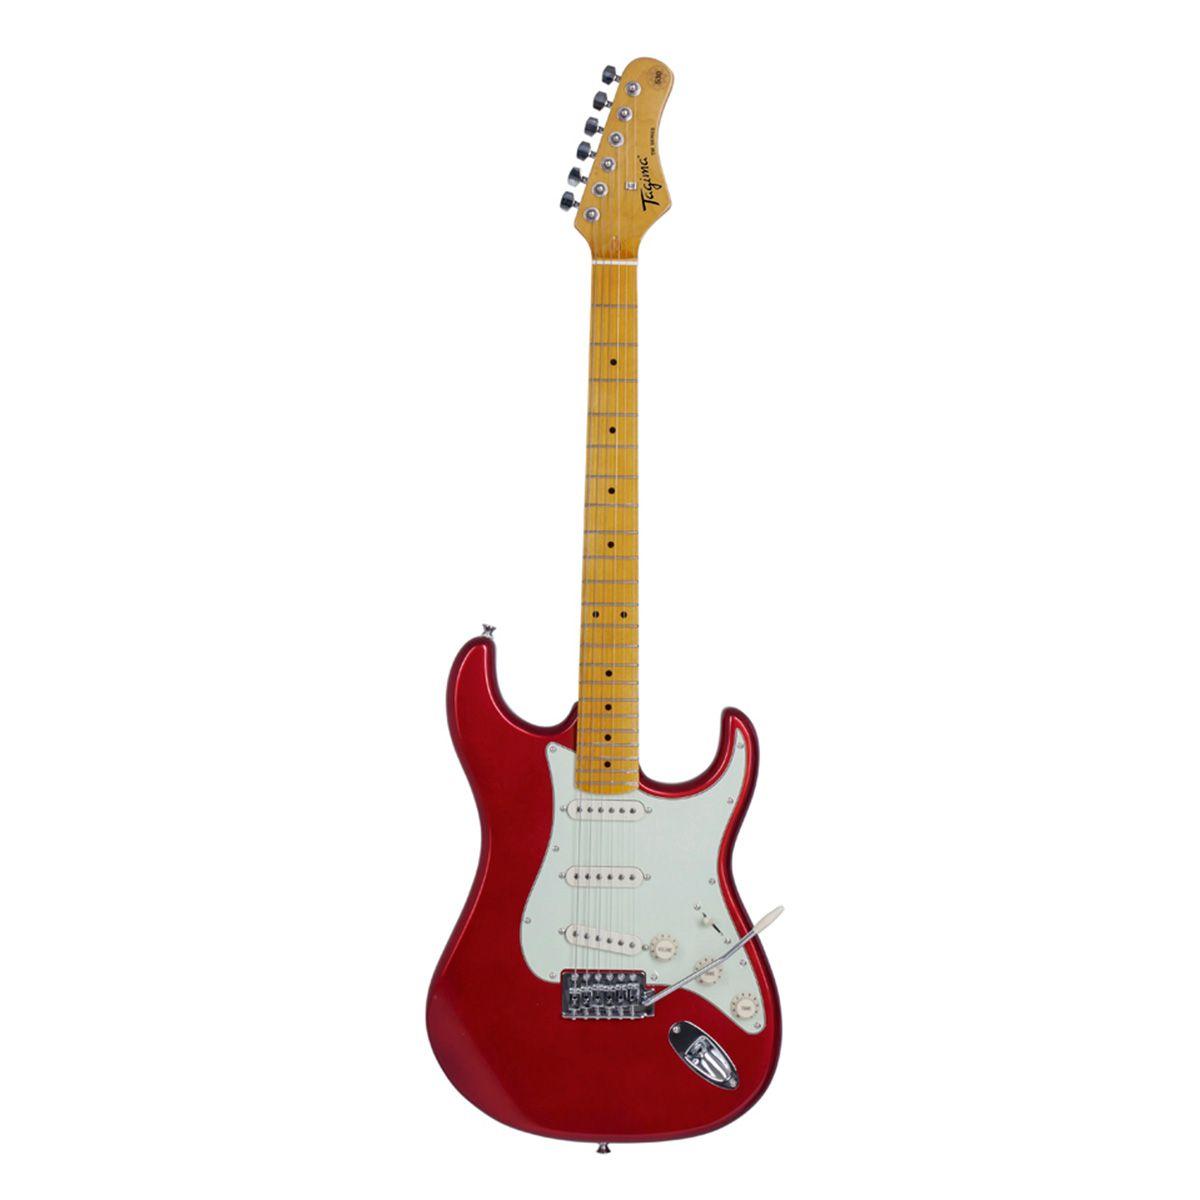 Guitarra Tagima TG 530 Woodstock Séries Metallic Red